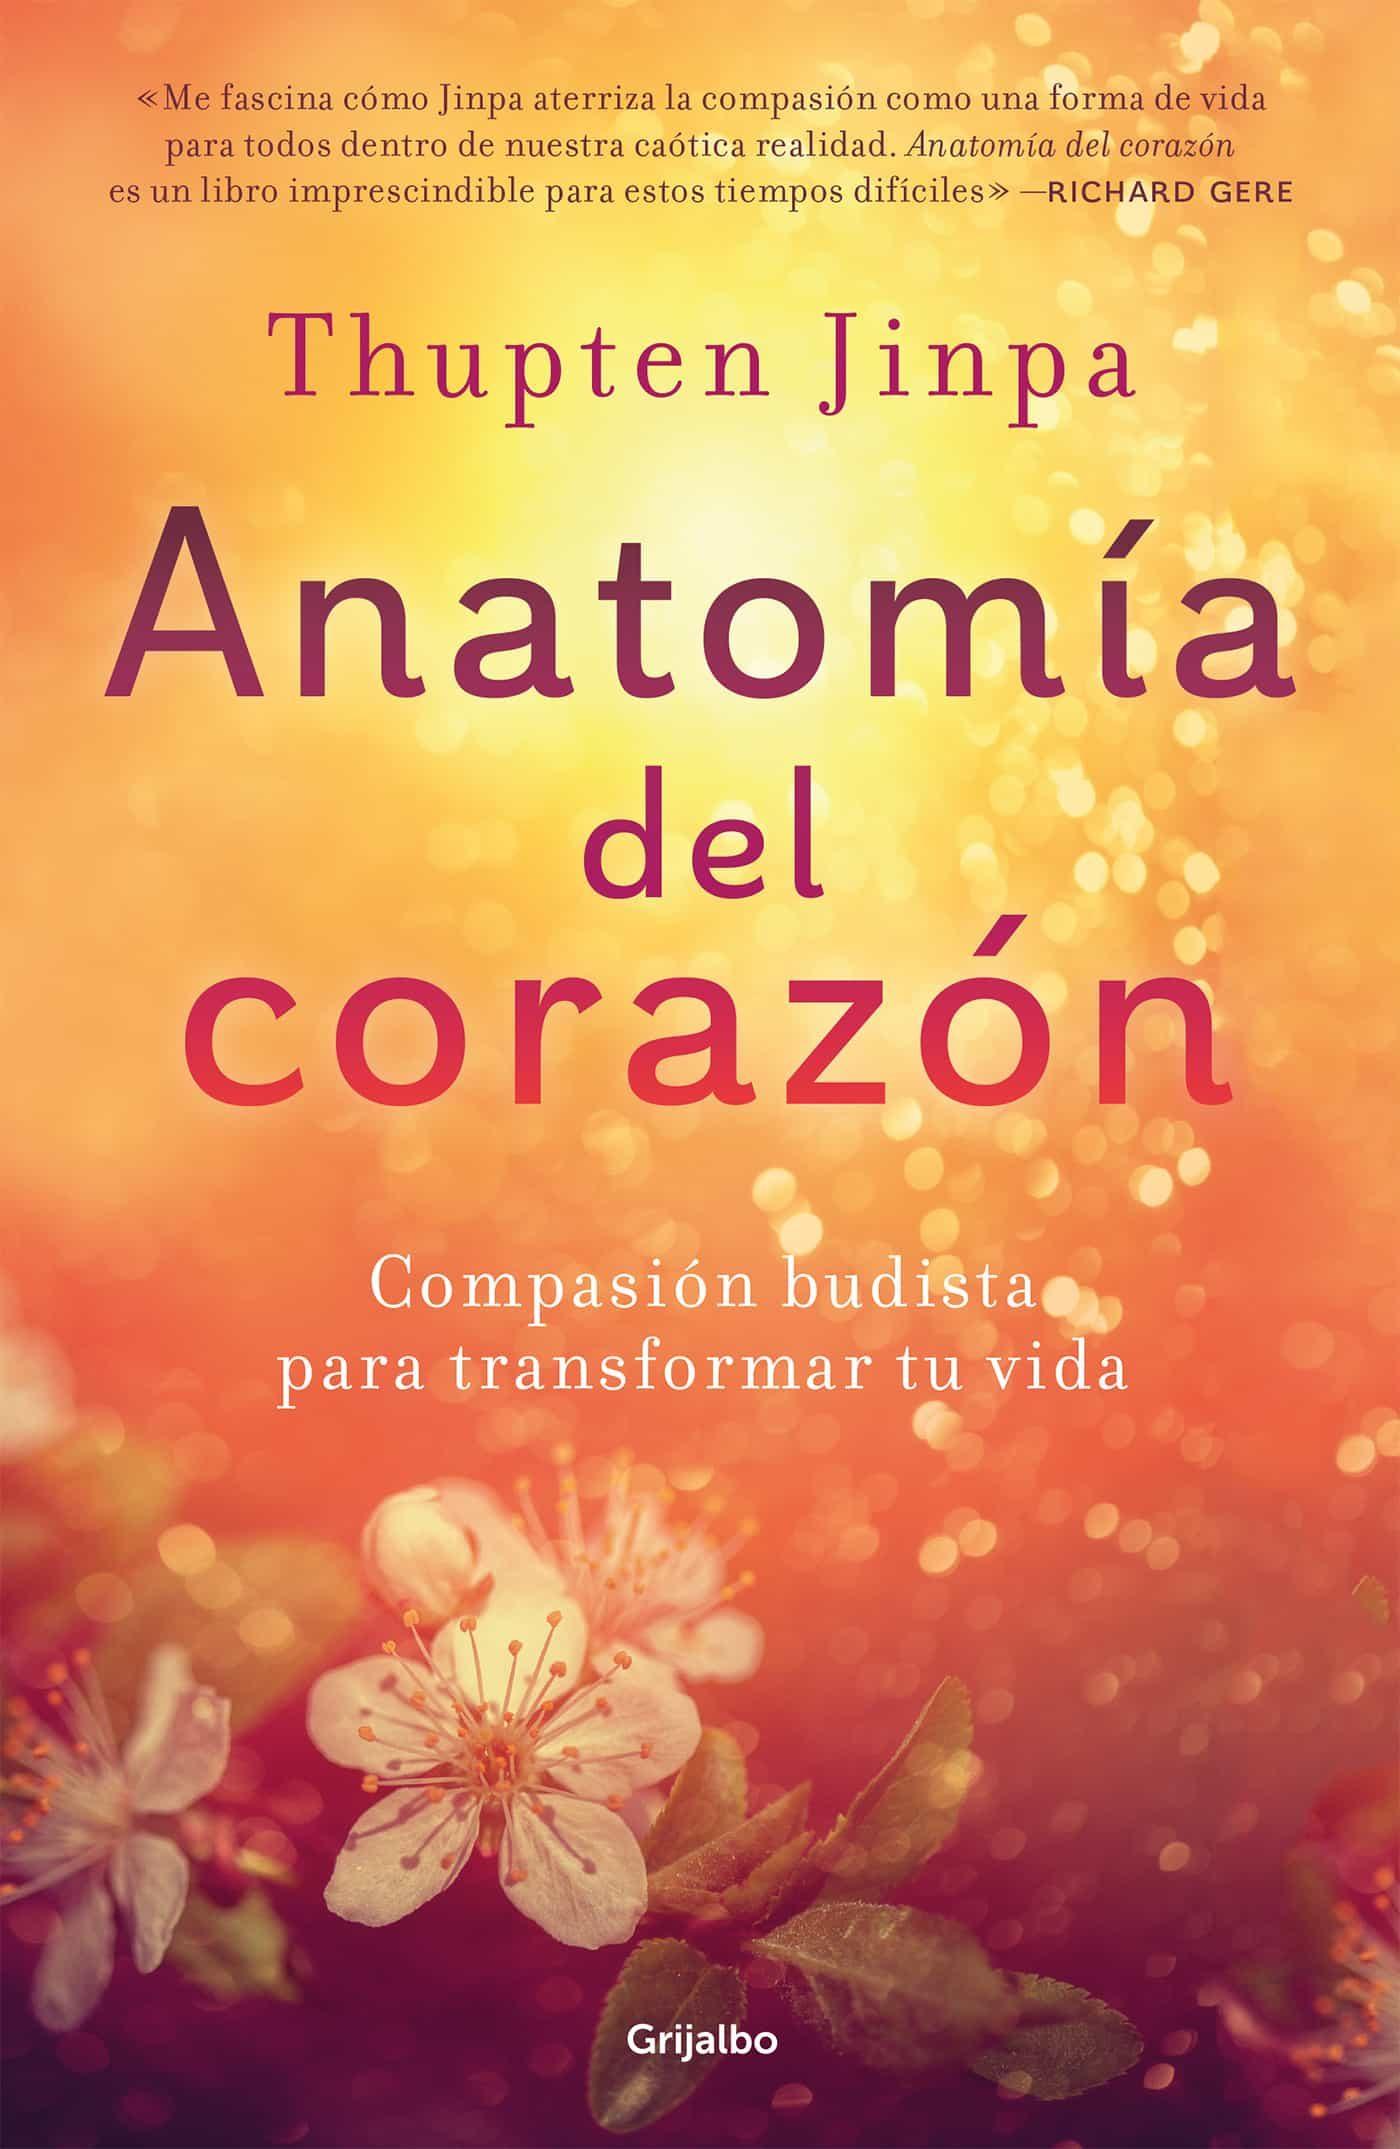 ANATOMÍA DEL CORAZÓN EBOOK | THUPTEN JINPA | Descargar libro PDF o ...